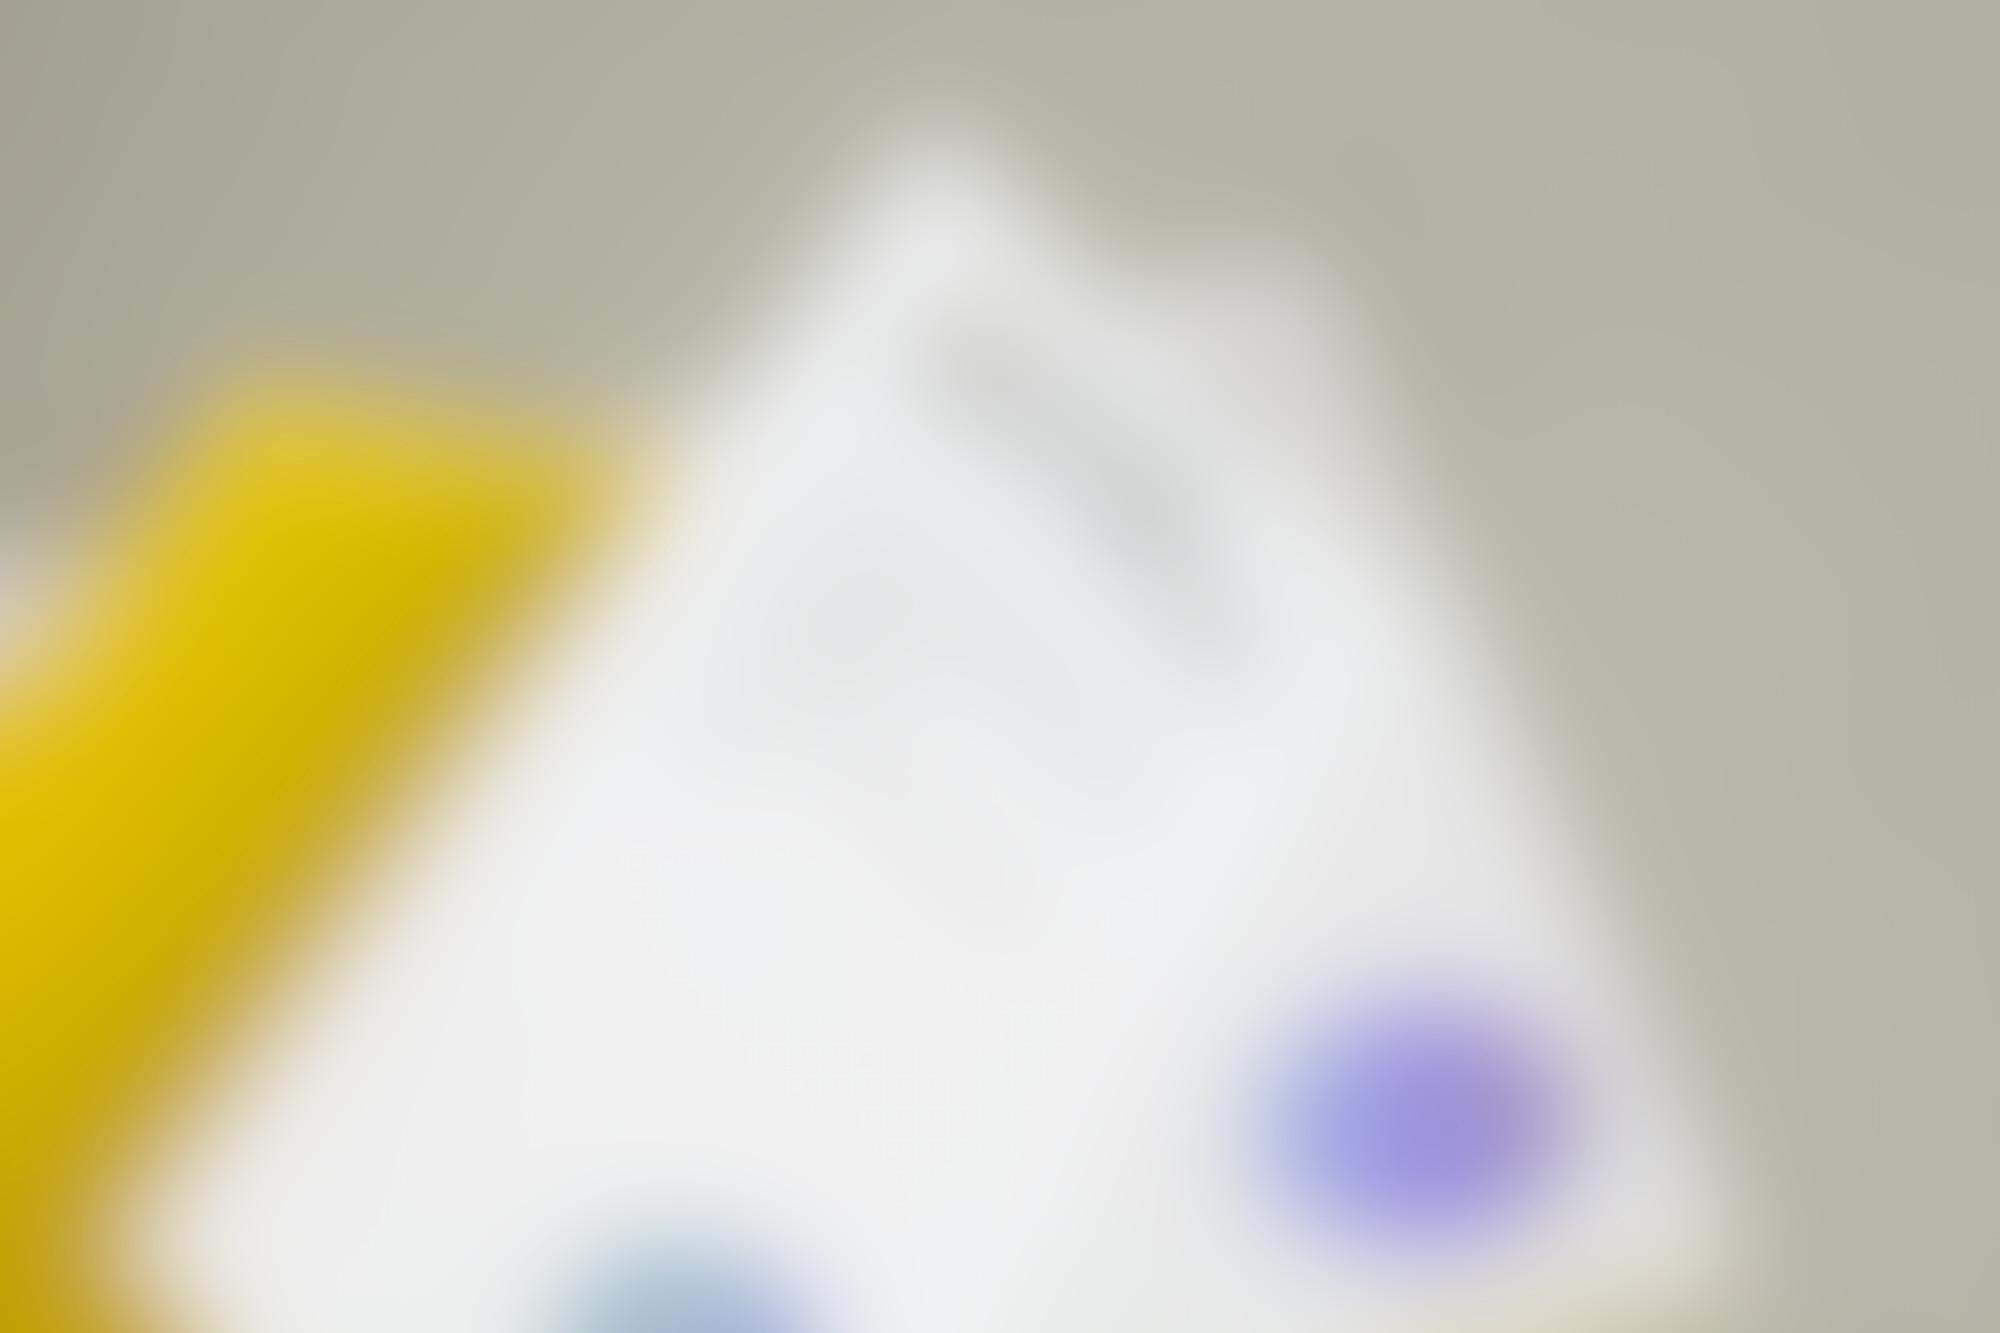 BLD SB VOUCHERS FLYERS 10 autocompressfitresizeixlibphp 1 1 0max h2000max w3 D2000q80se7eb8bd7272bdf03dfe9b89e55471ccc